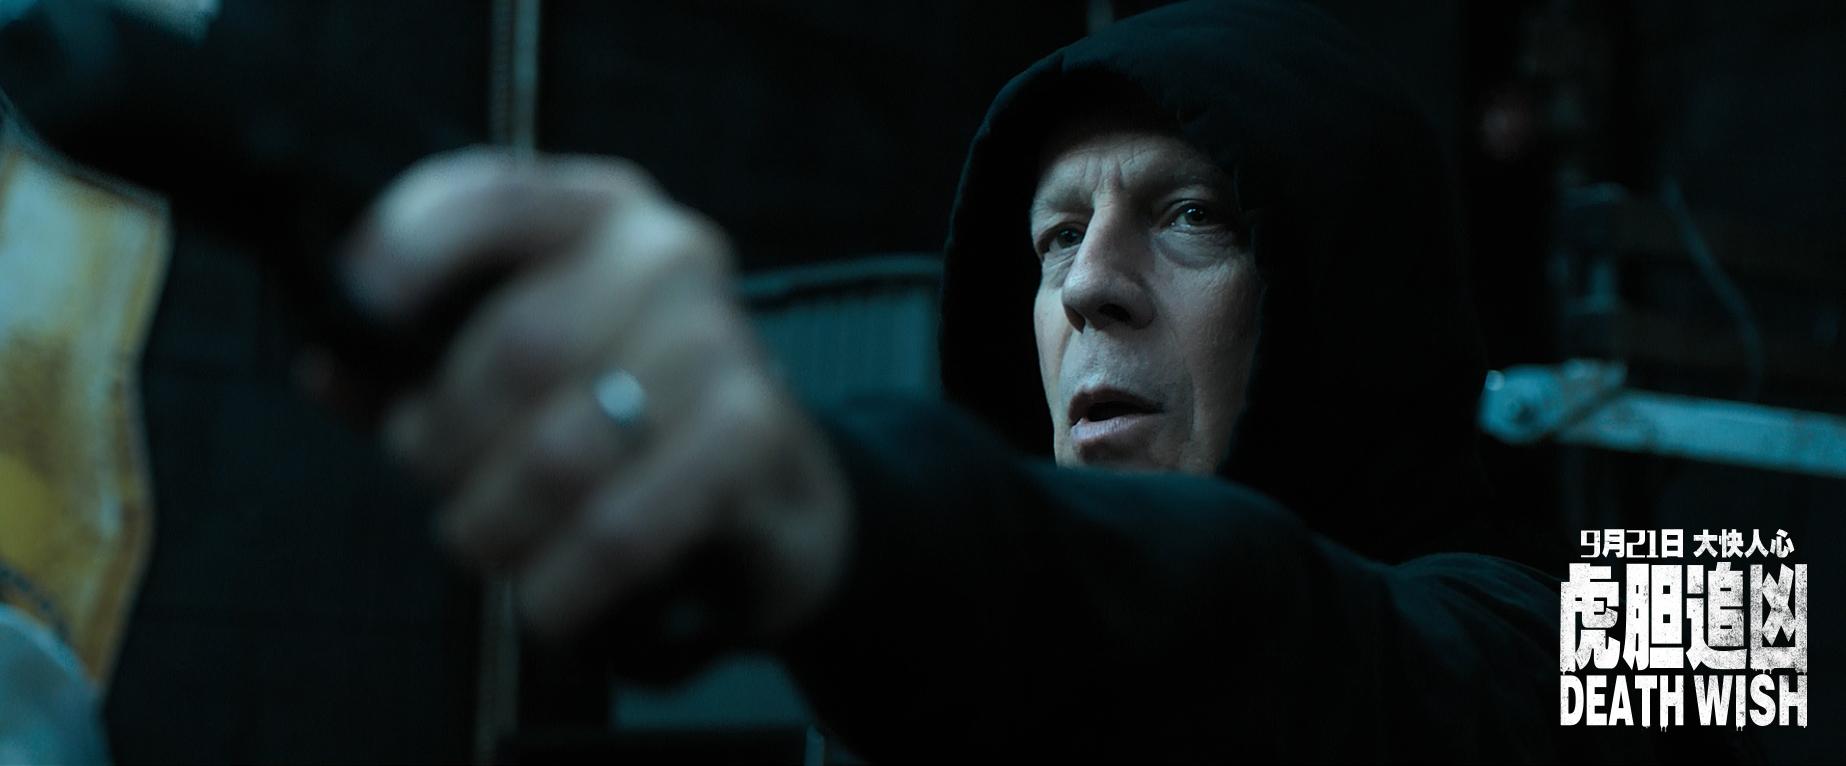 《虎膽追兇》發終極預告 布魯斯-威利斯「槍指」暴力